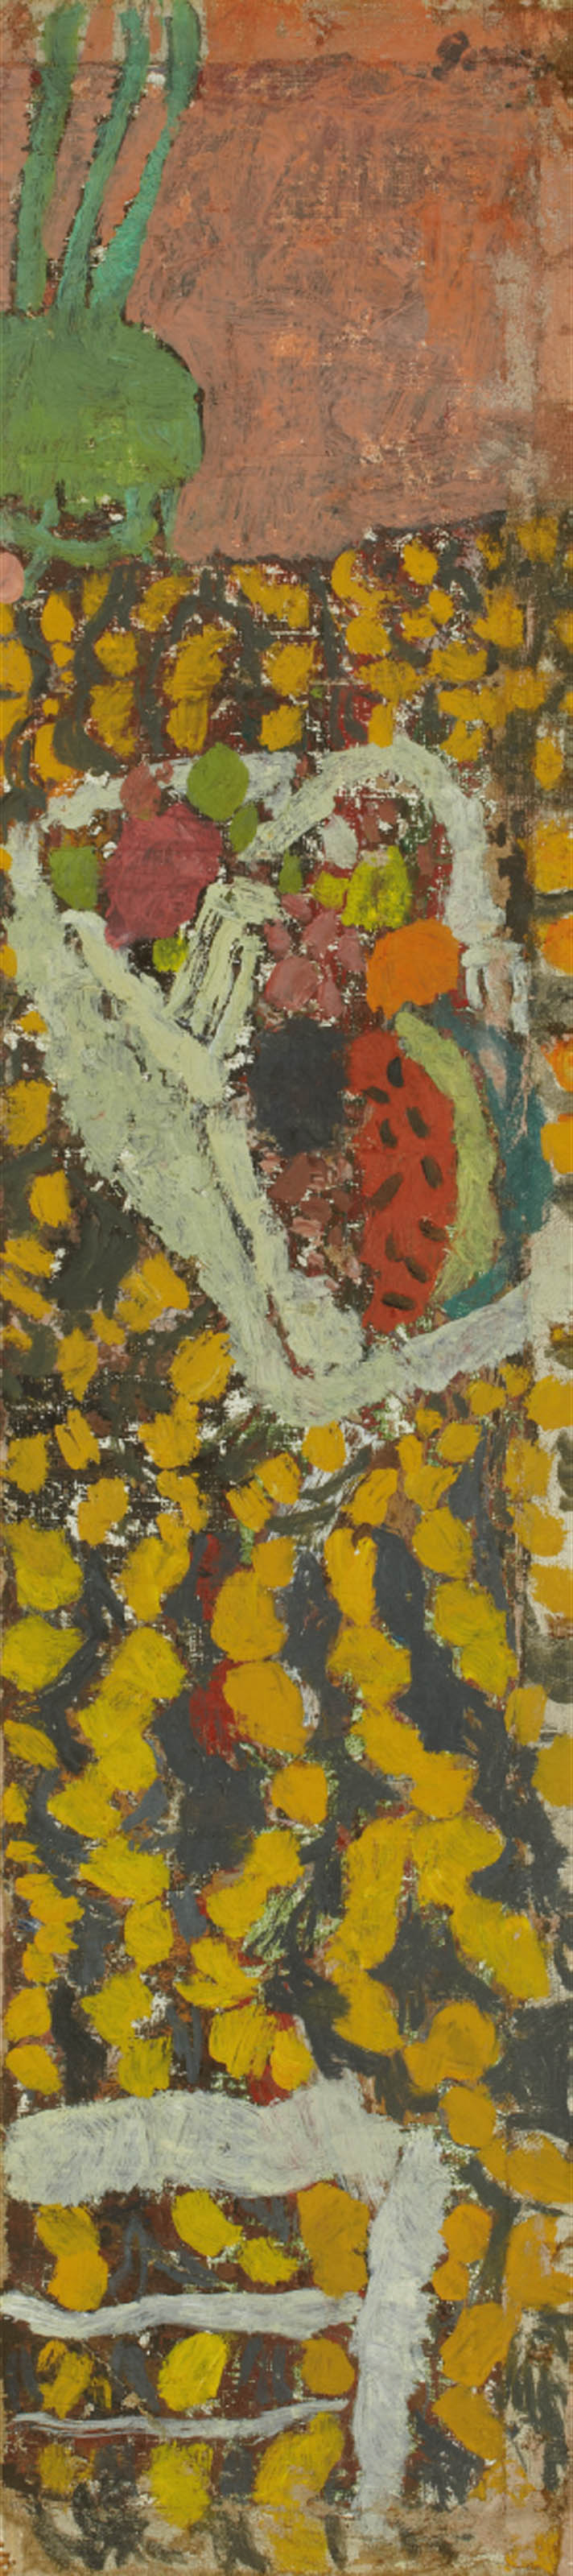 Corbeille de fruits et tapisserie